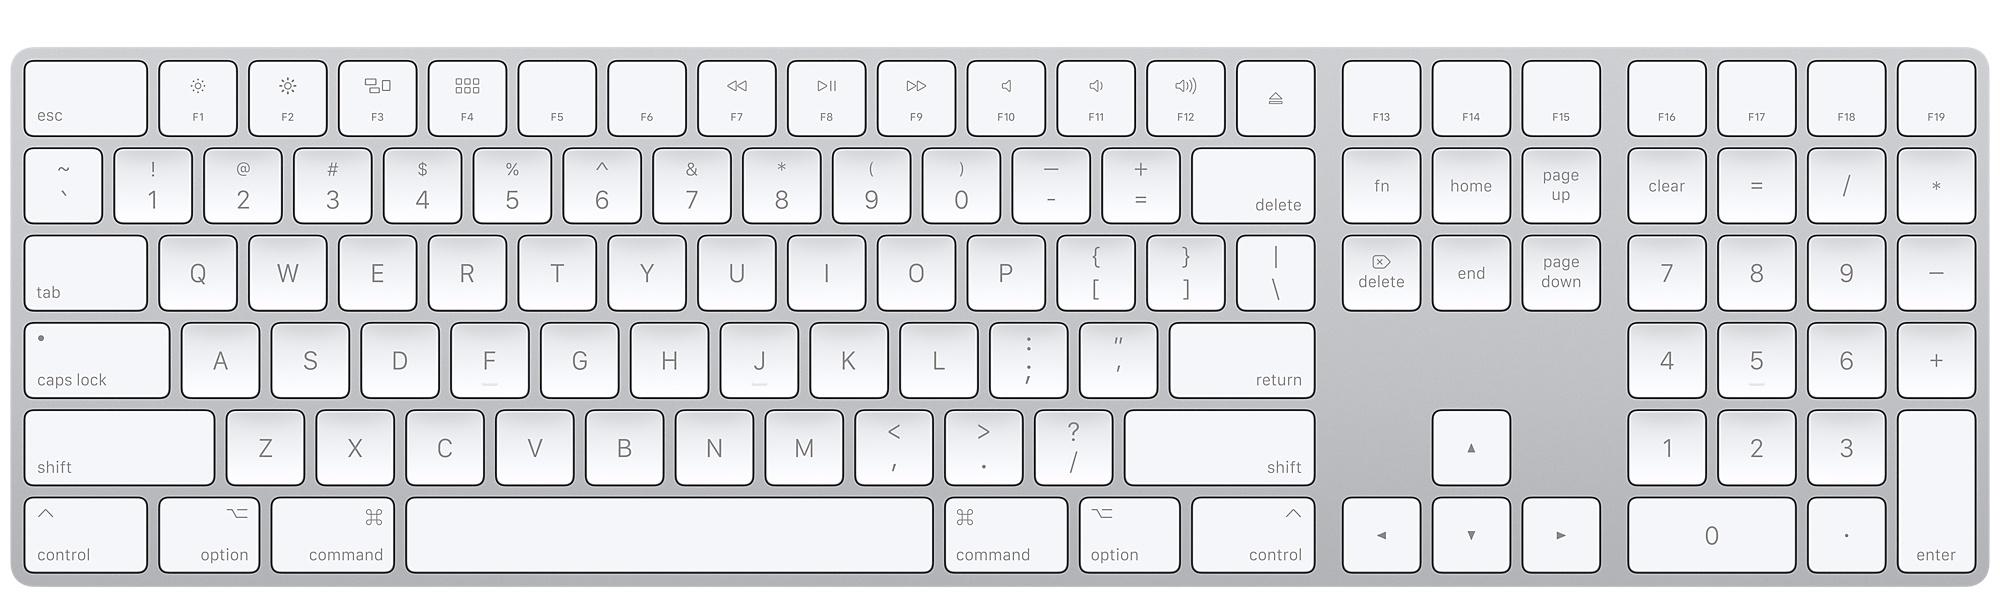 зависимости картинка компьютерной клавиатуры с русскими и английскими было, данная композиция